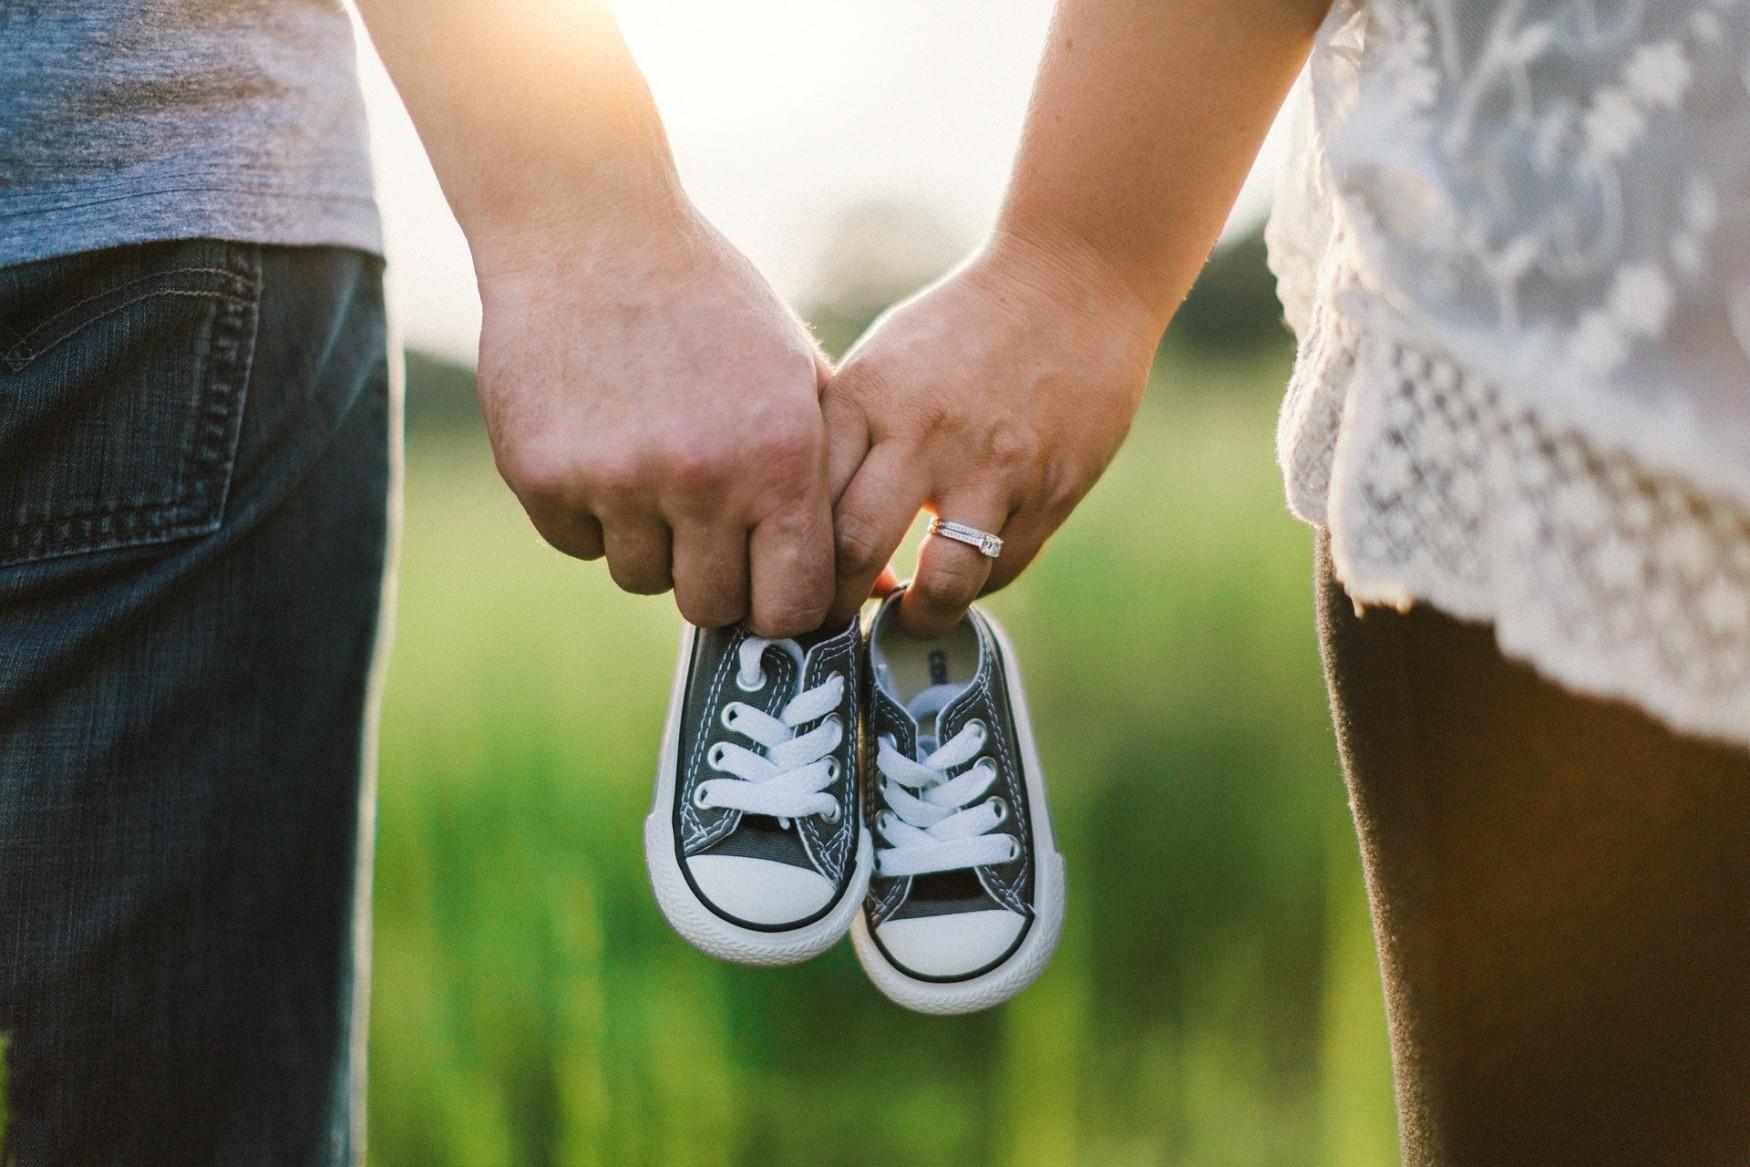 İnfertilite Çiftlerin Psikolojisini Nasıl Etkiler